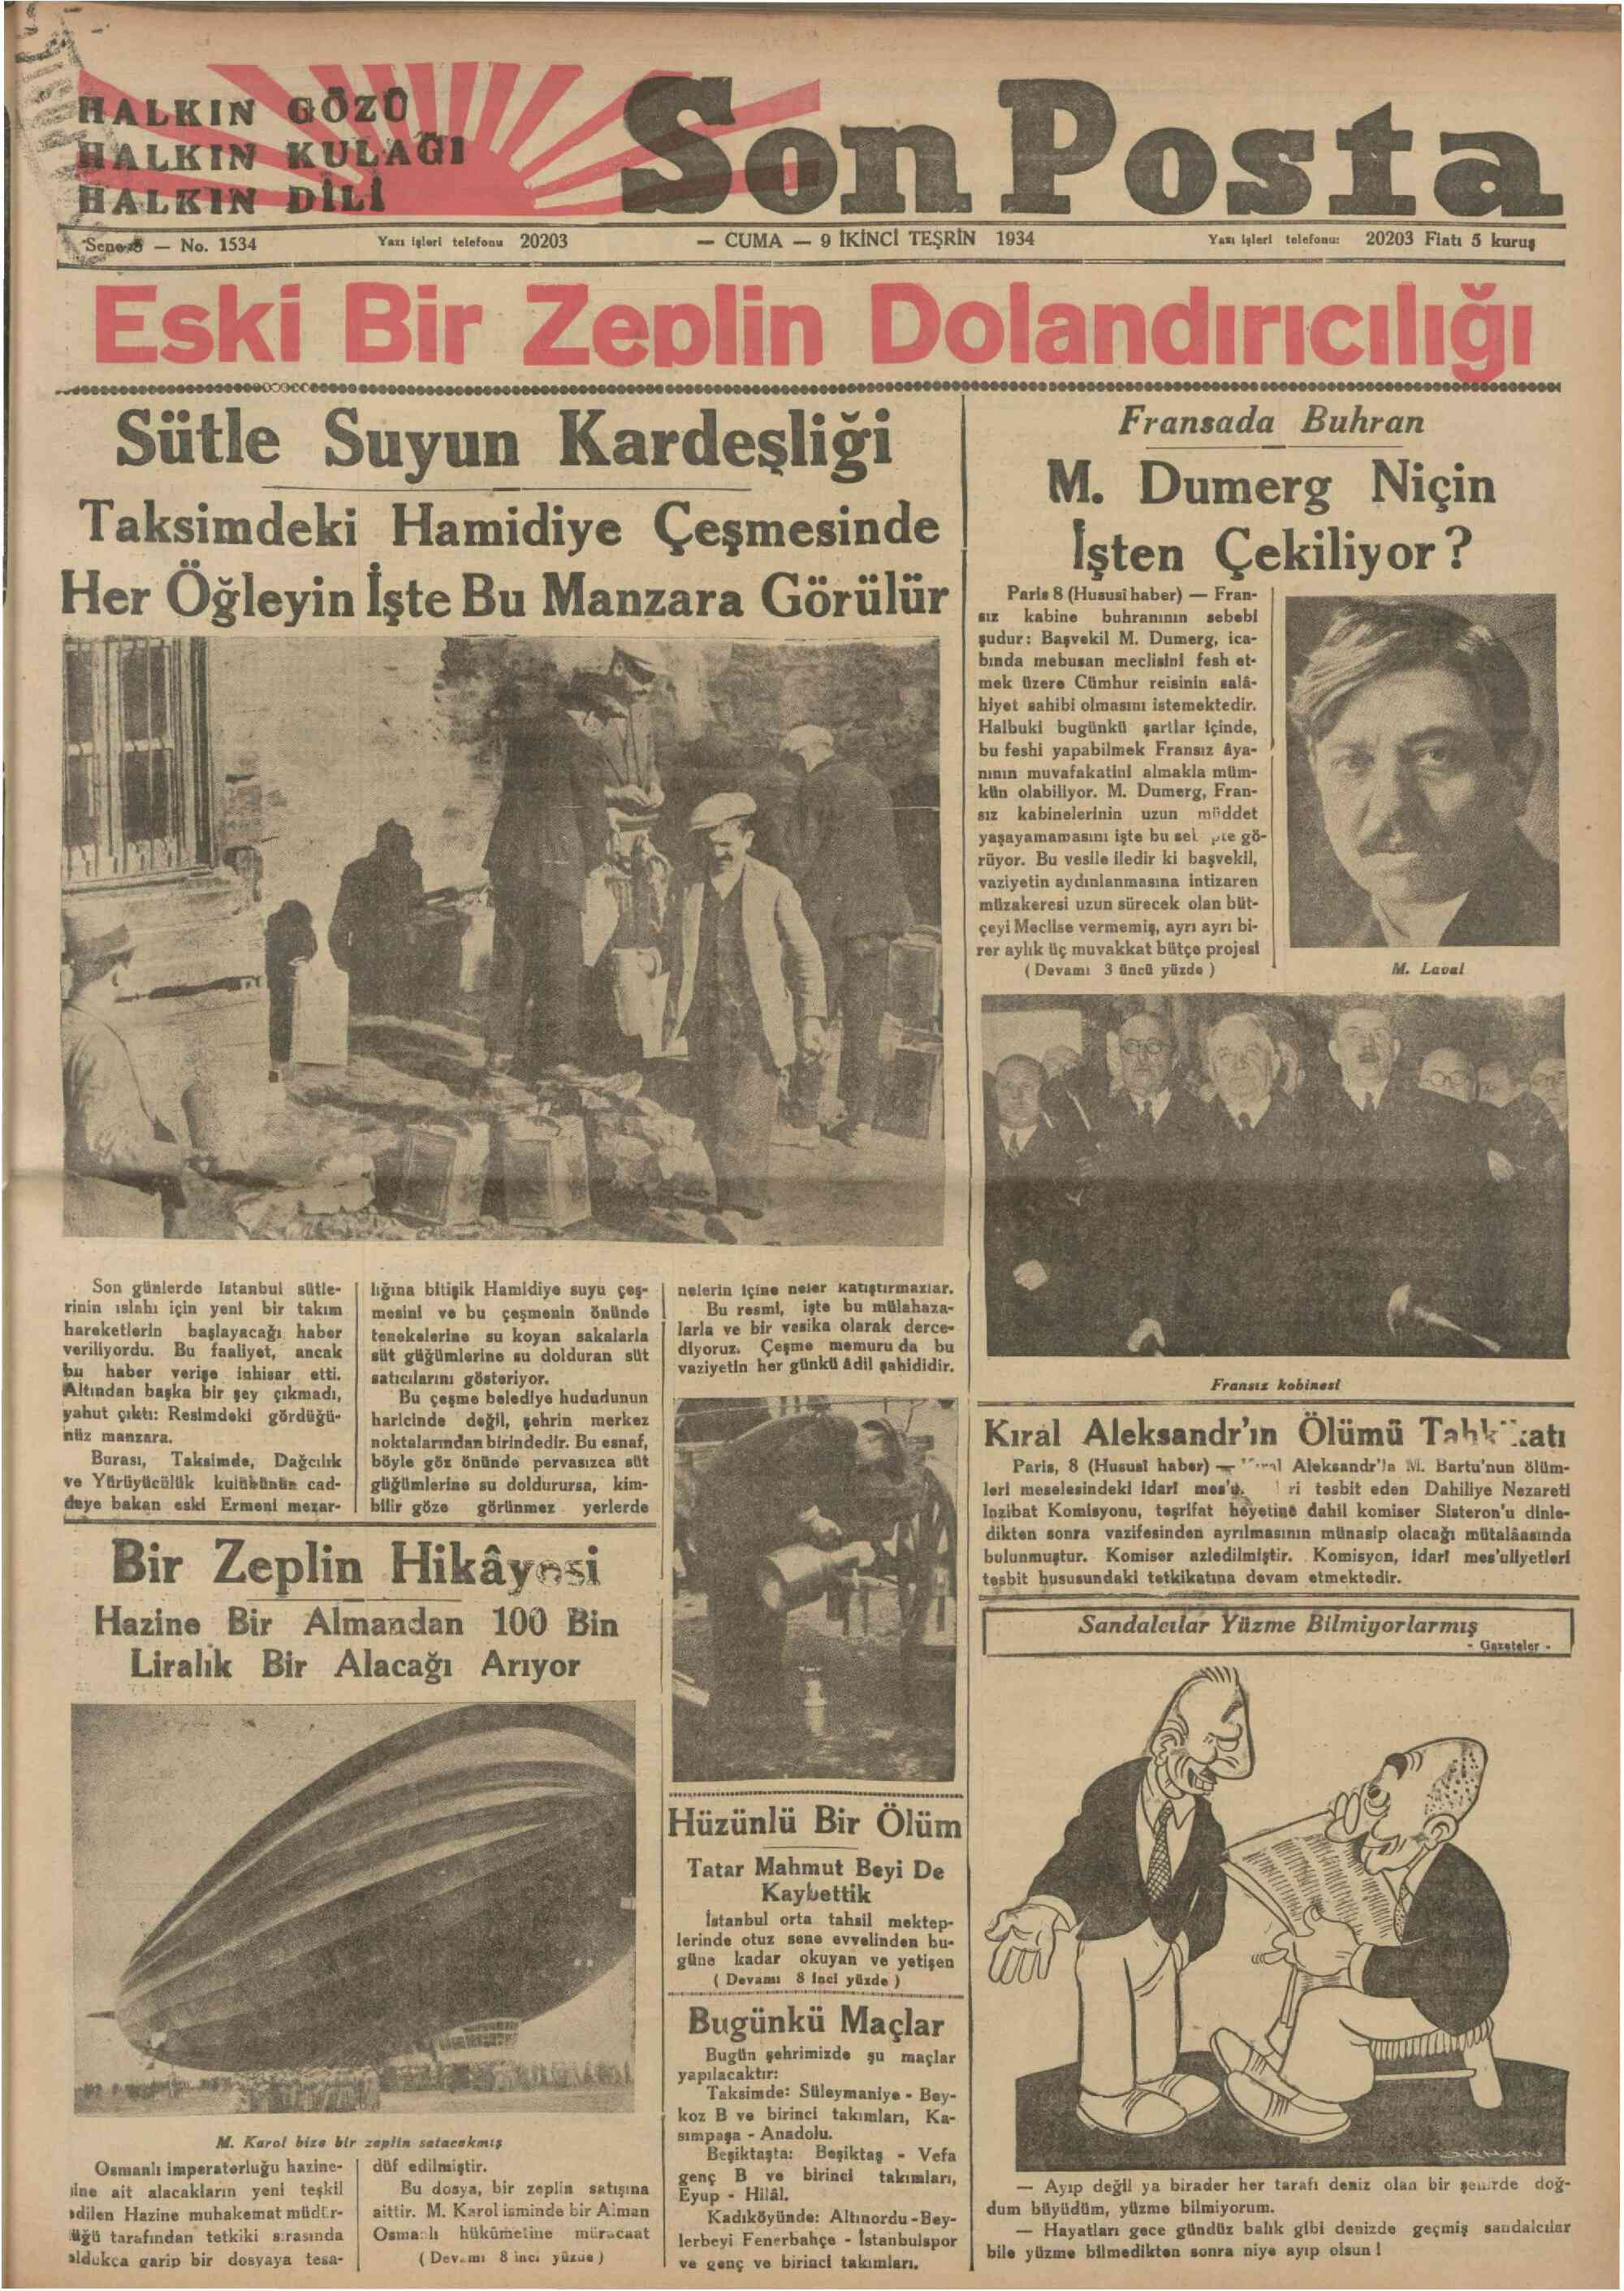 9 Kasım 1934 Tarihli Son Posta Dergisi Sayfa 1